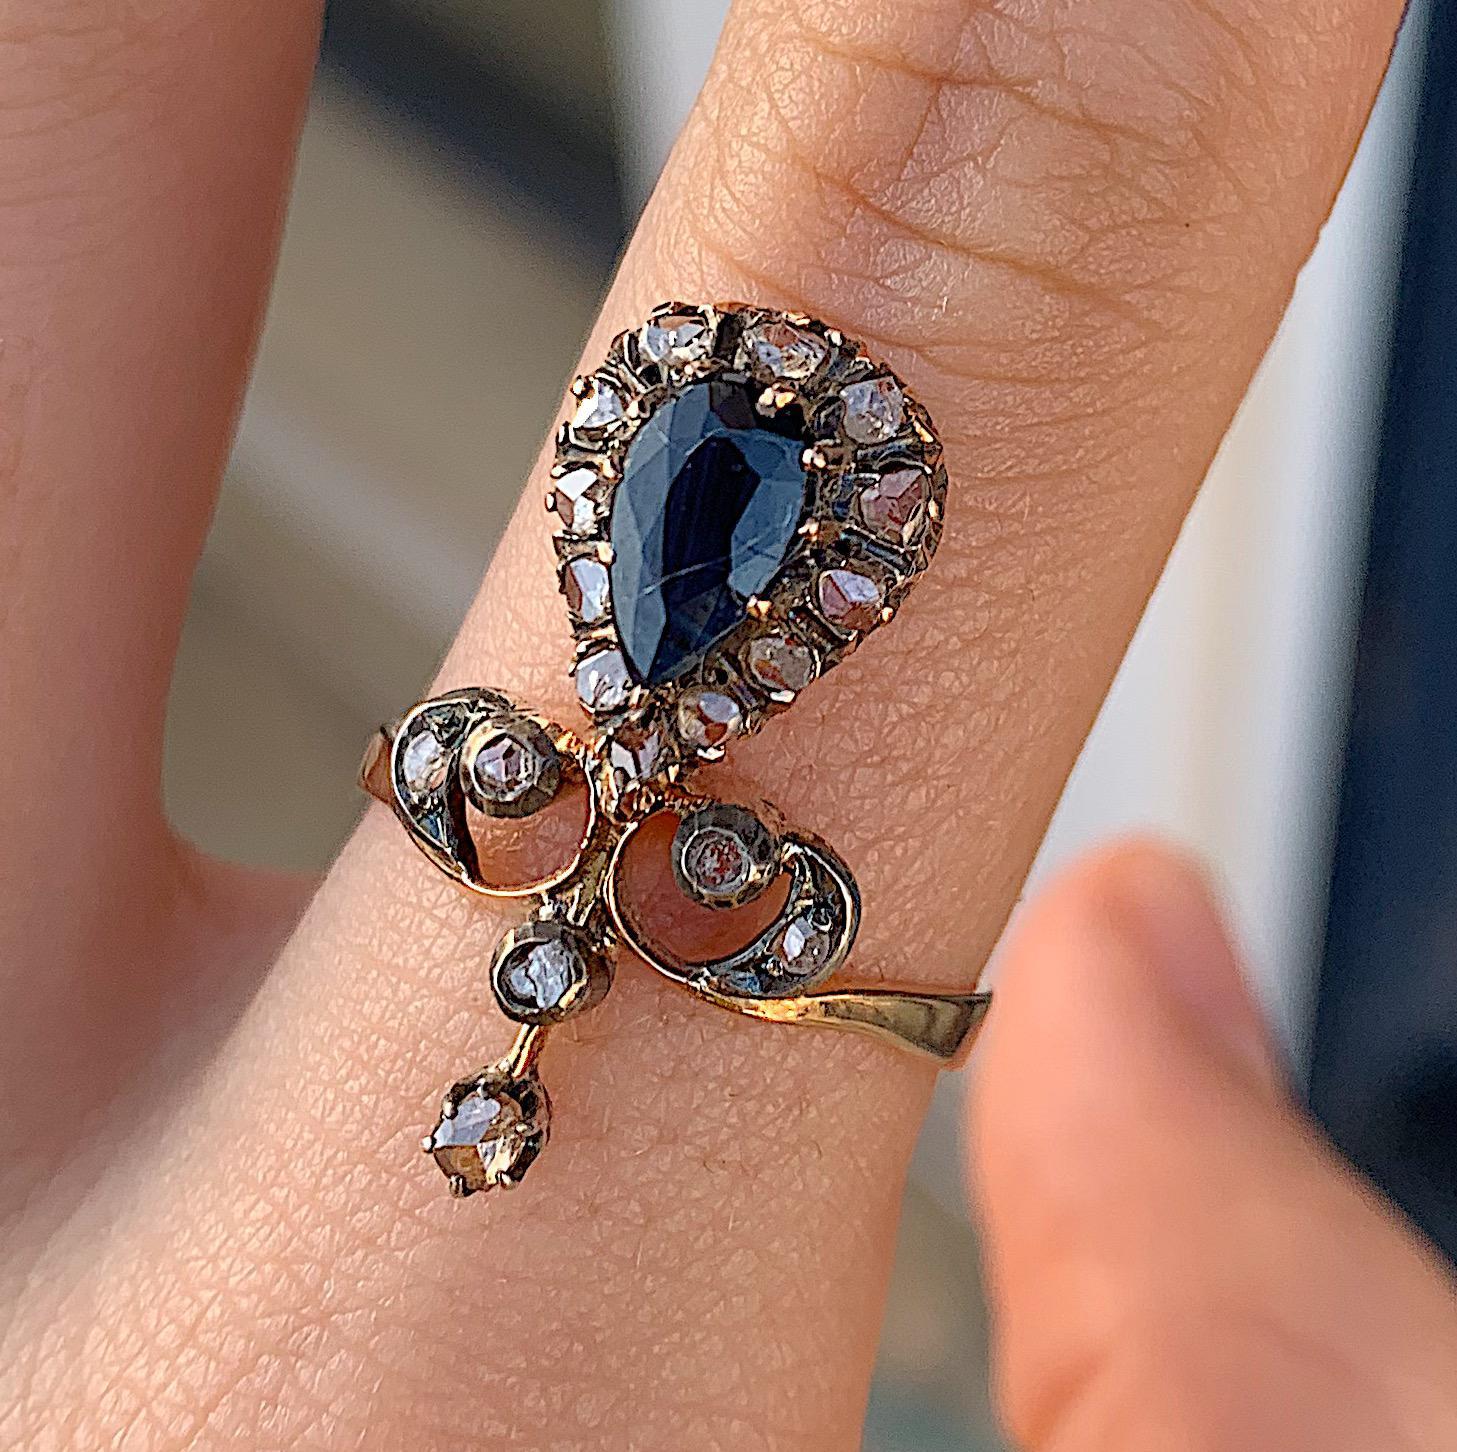 טבעת עתיקה, זהב עם ספיר ויהלומים בצורת Fleur-de-Lis.